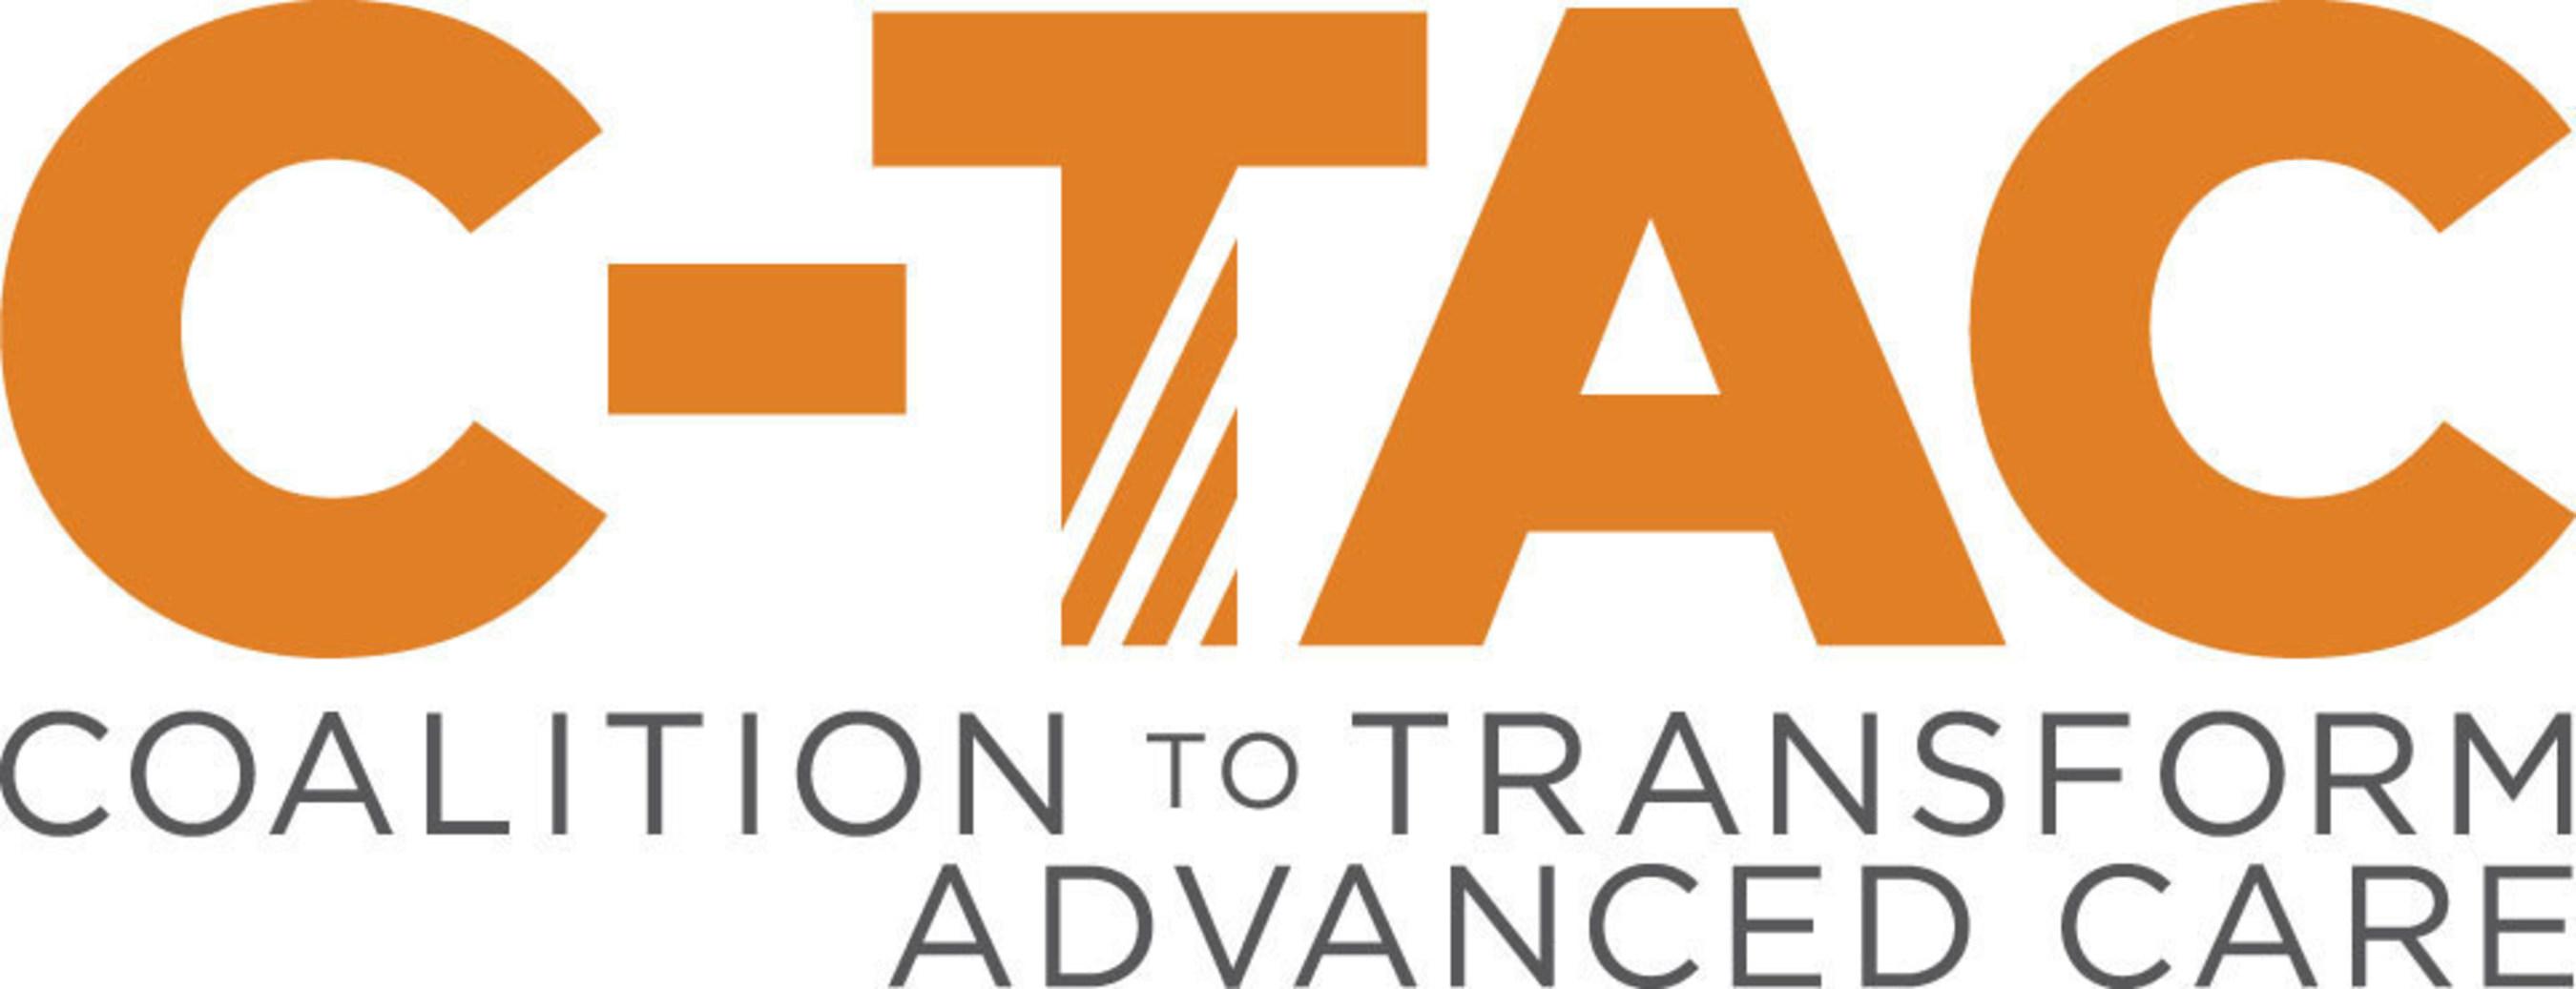 C-TAC logo.